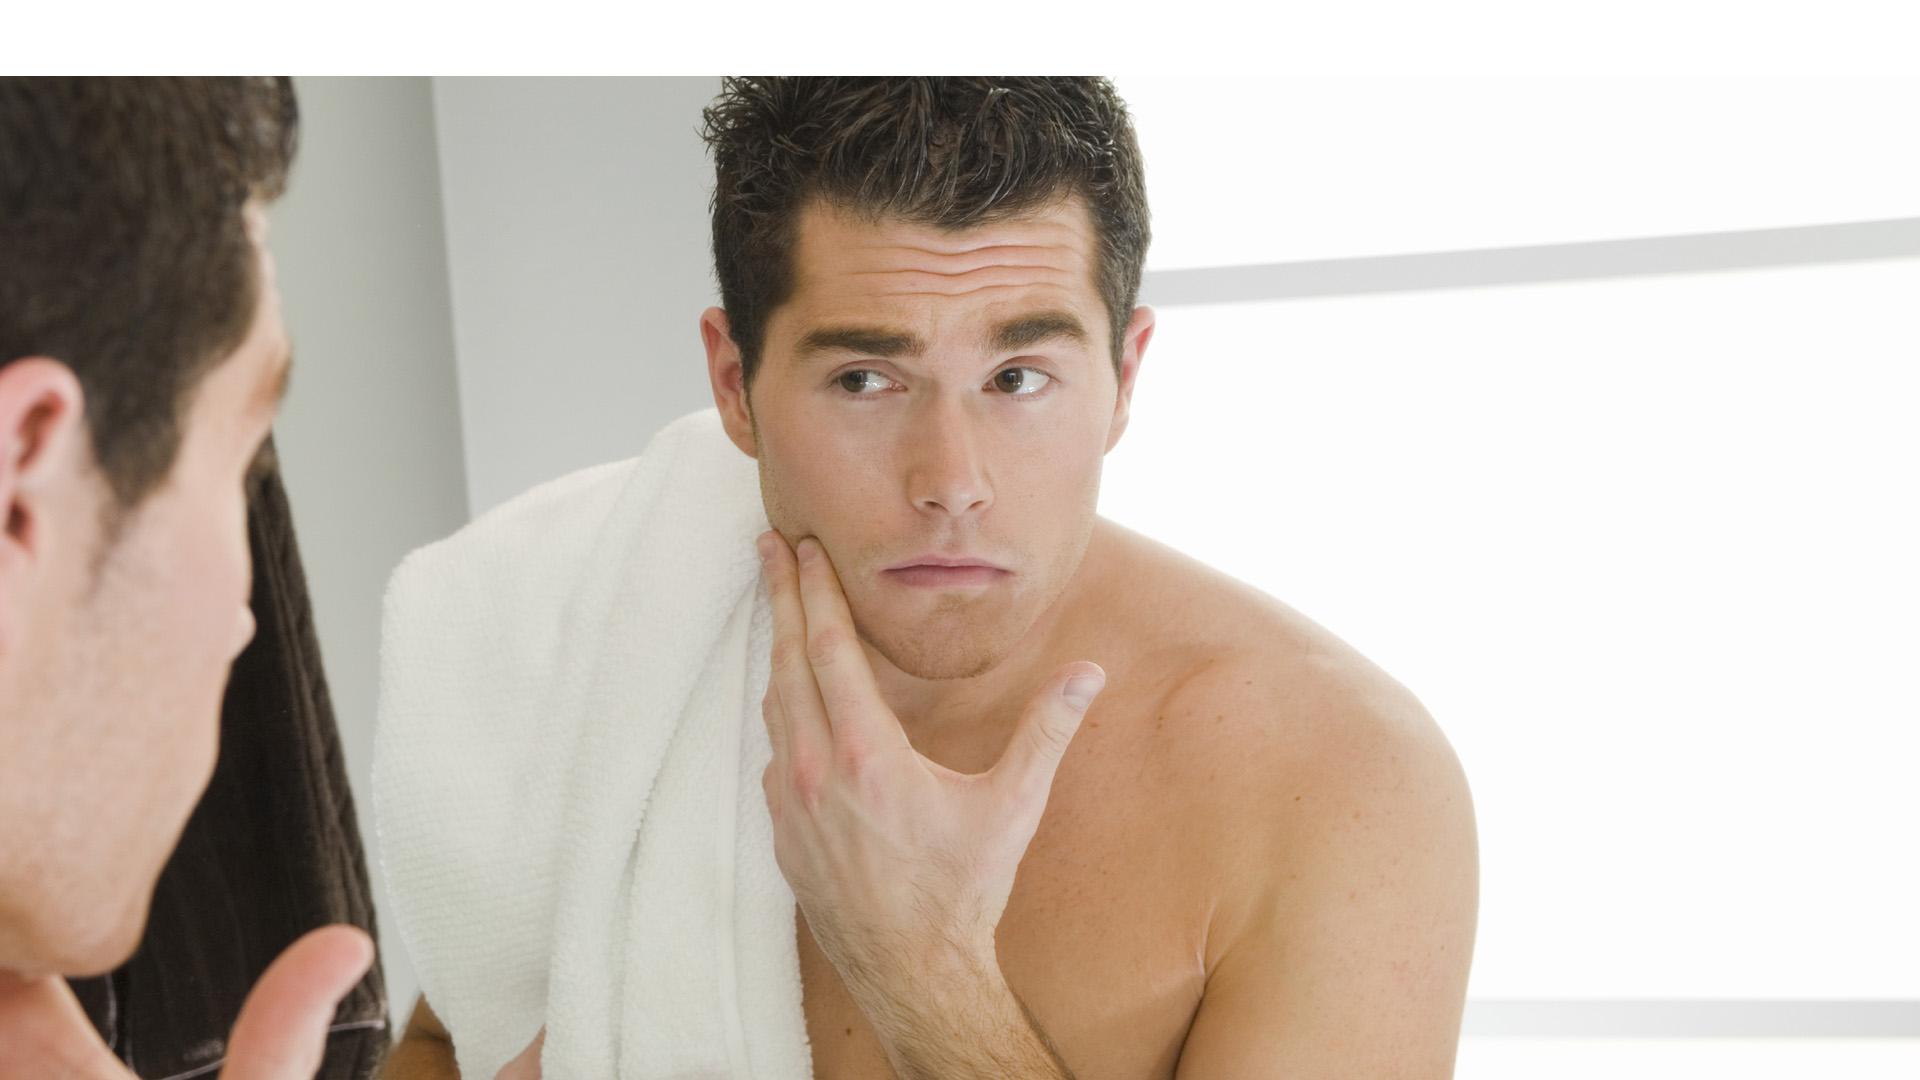 Aunque el cuidado de la imagen de los caballeros se ha incrementado, aún existen actividades que generalmente no realizan como exfoliarse y usar crema corporal